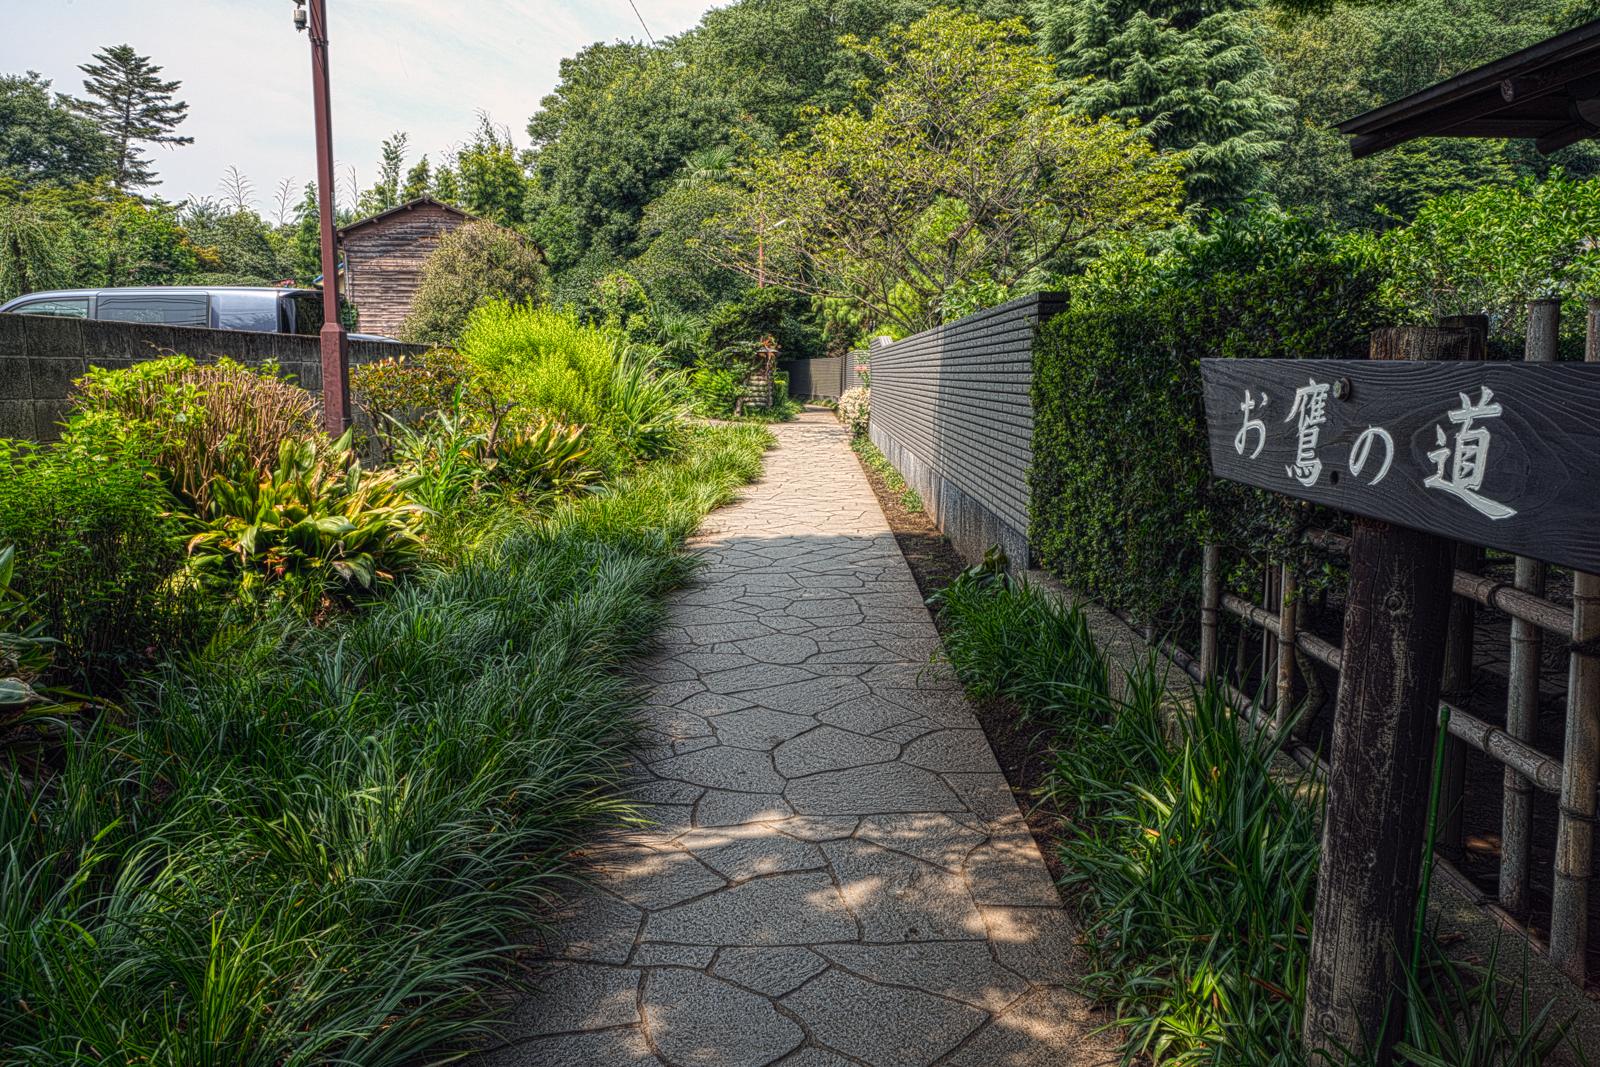 お鷹の道、清流沿いの小径の写真